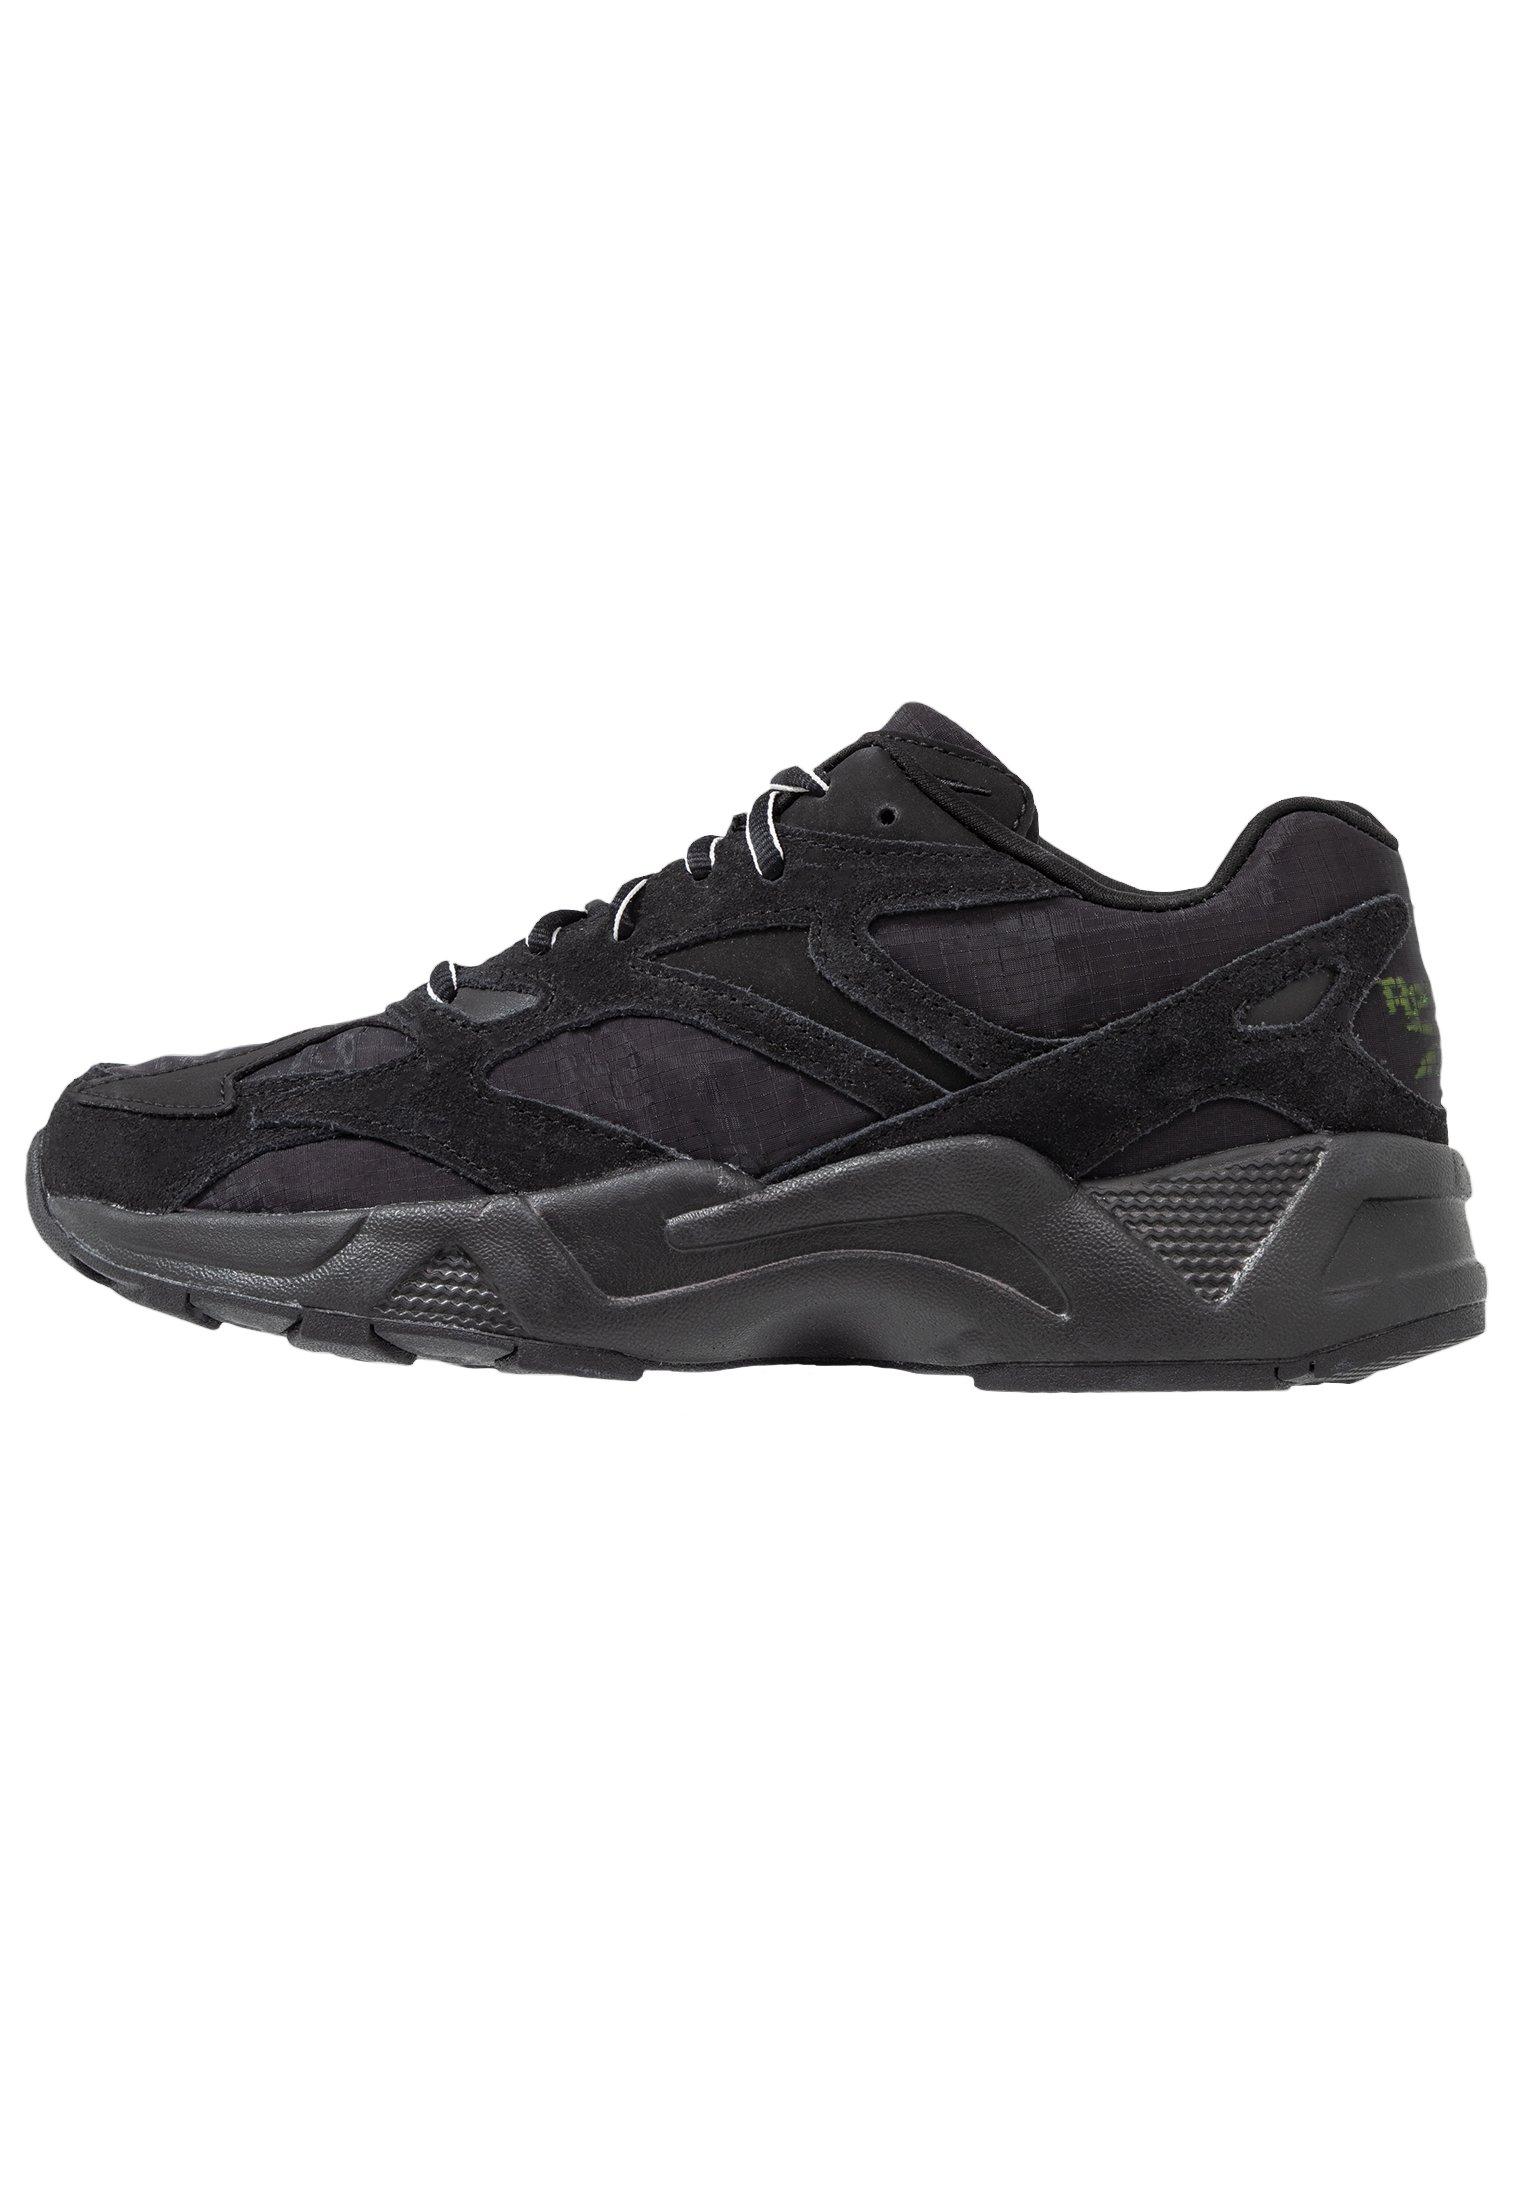 AZTREK 96 TRANSLUCENT Sneakers blackneon limetrue grey